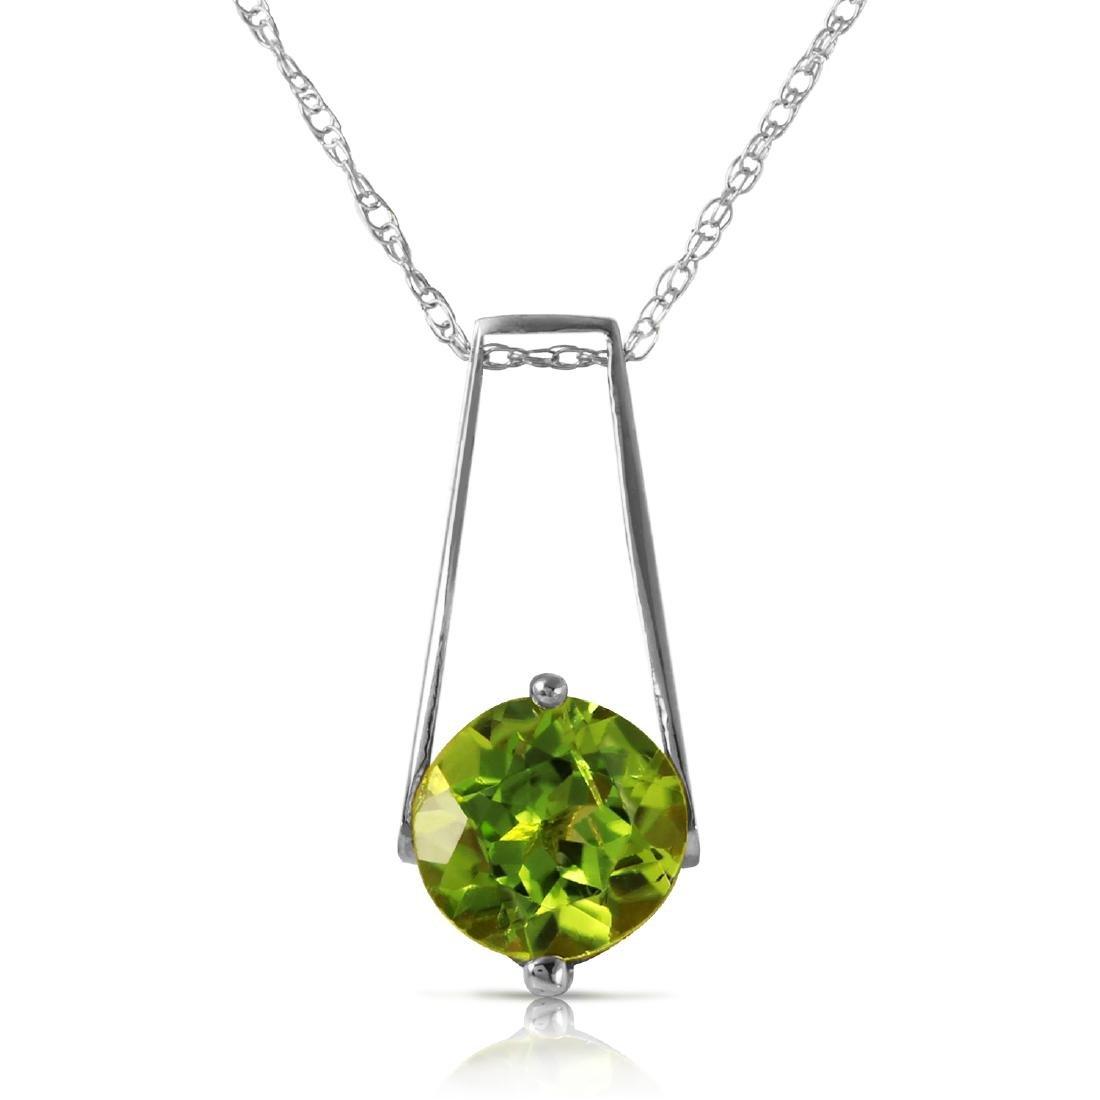 Genuine 1.45 ctw Peridot Necklace Jewelry 14KT White